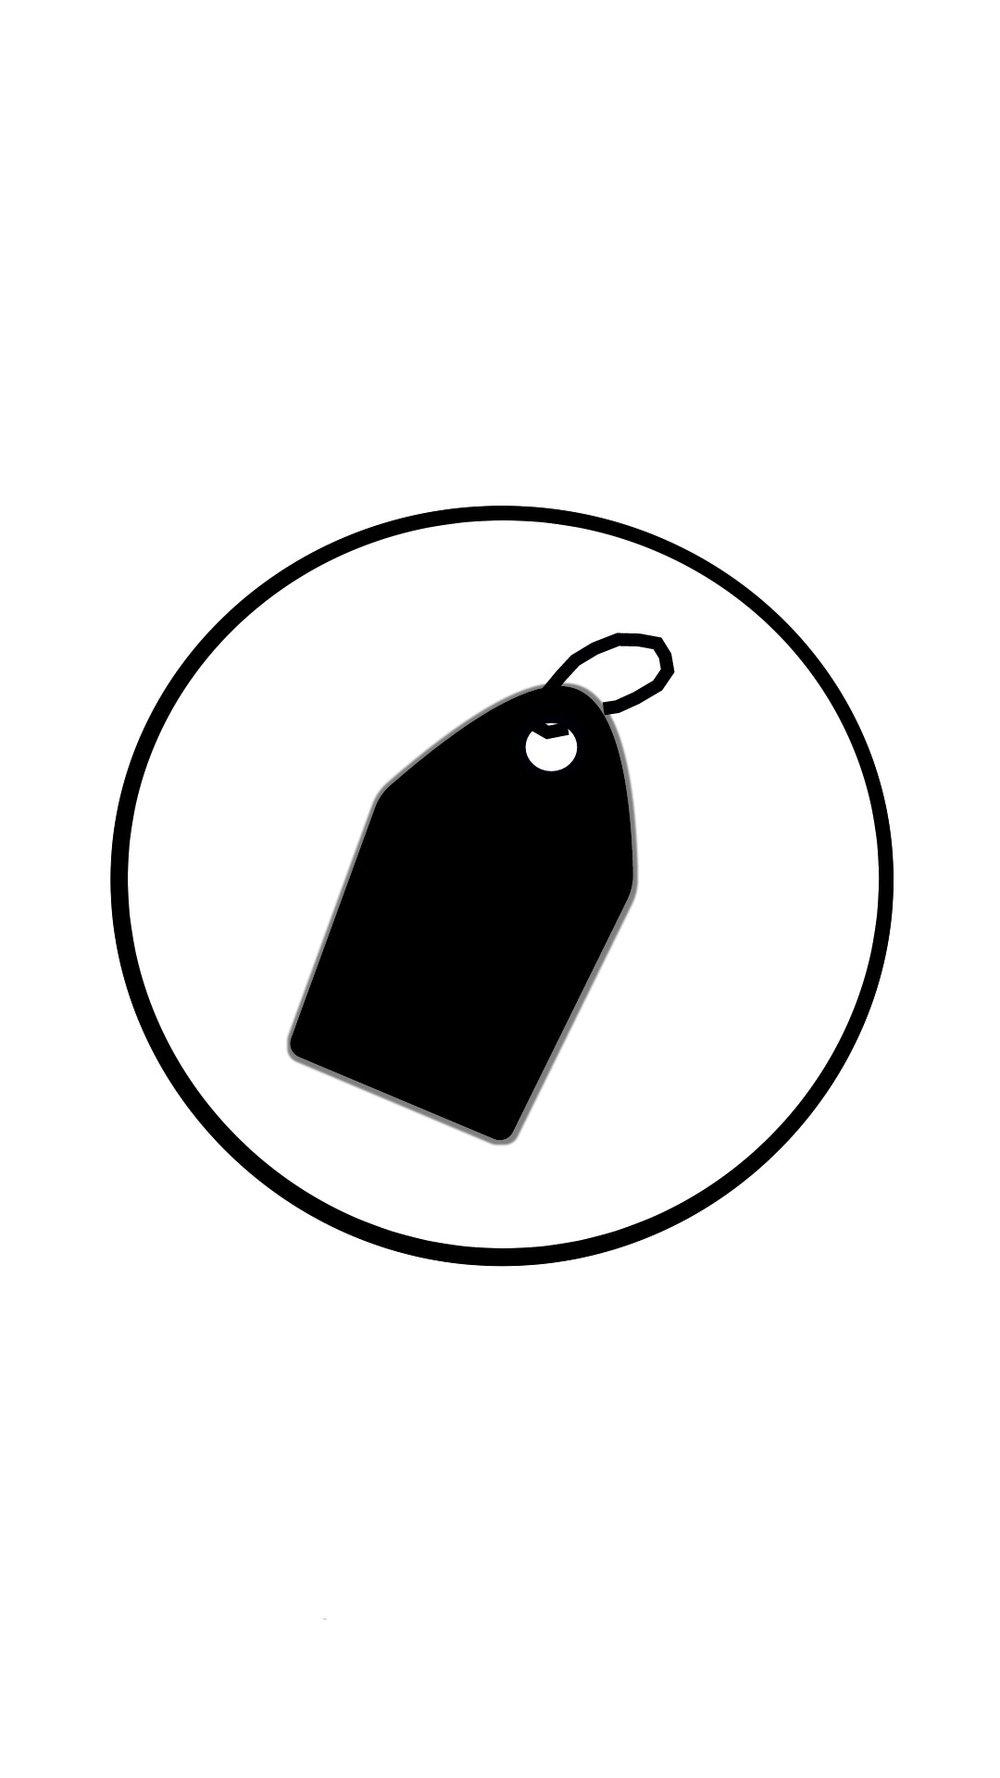 Instagram-cover-tag-blackwhite-lotnotes.com.jpg